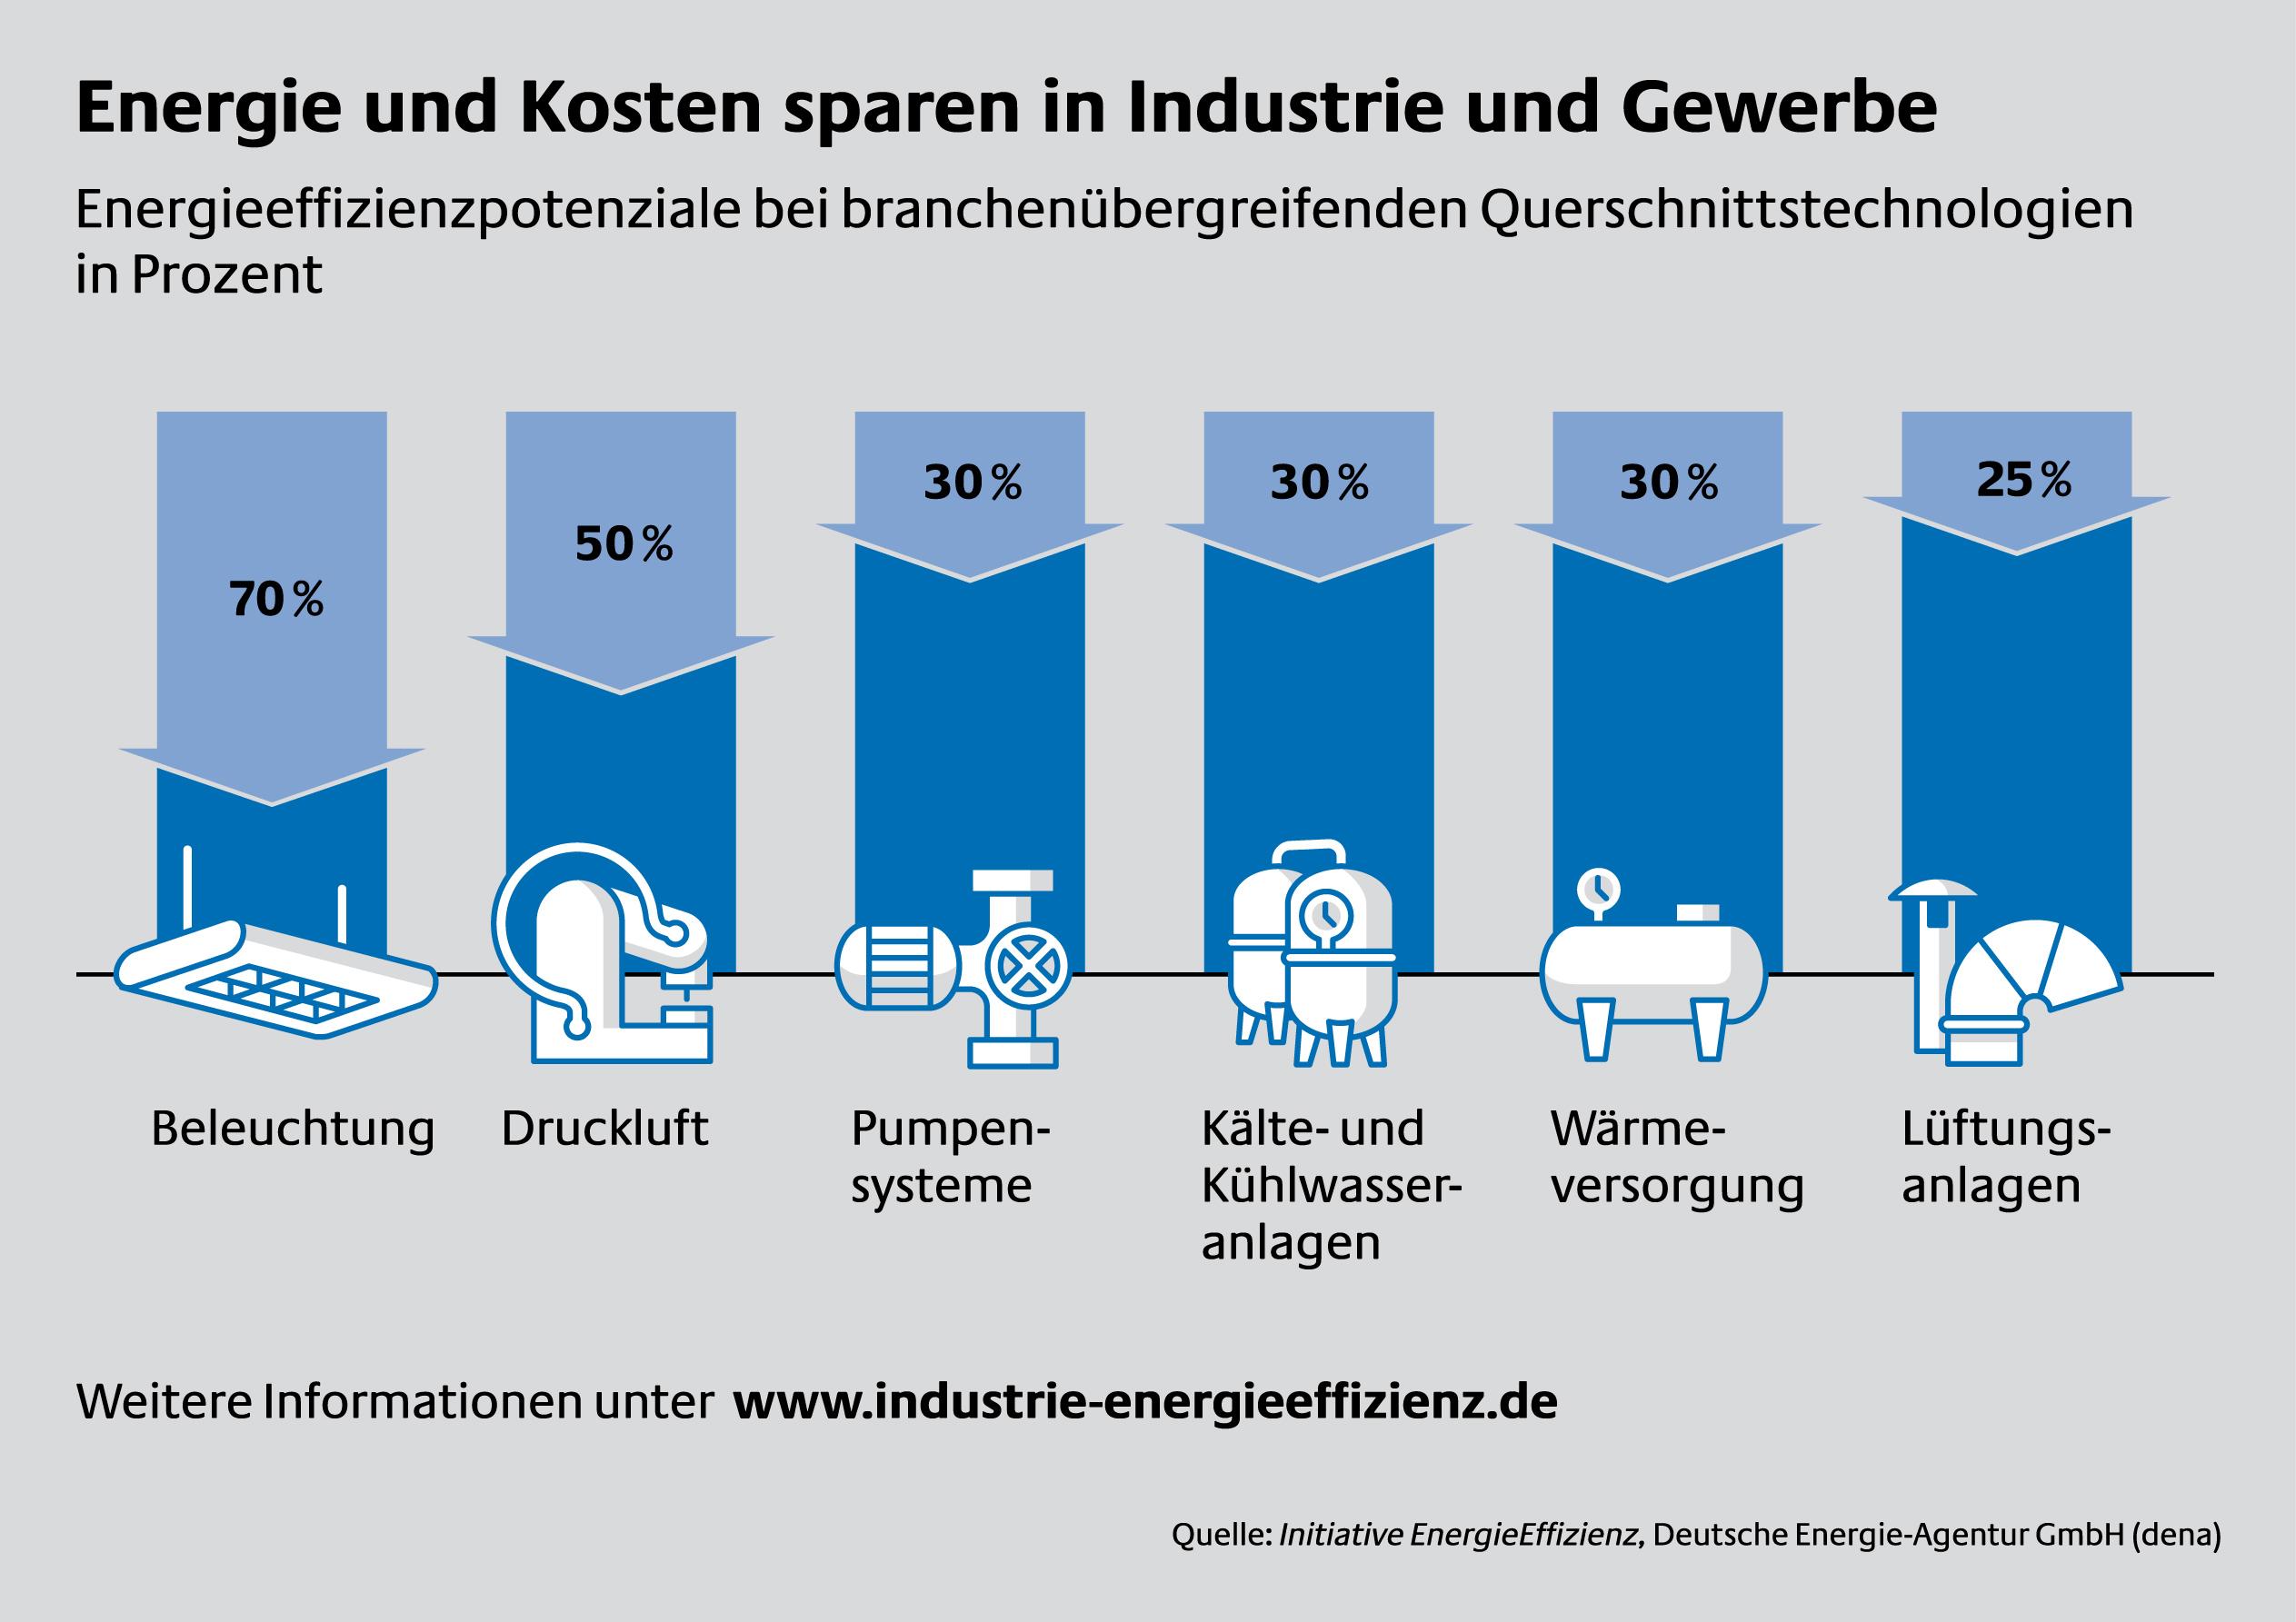 Einsparpotenziale bei industriellen Querschnittstechnologien, Quelle: stromeffizienz.de